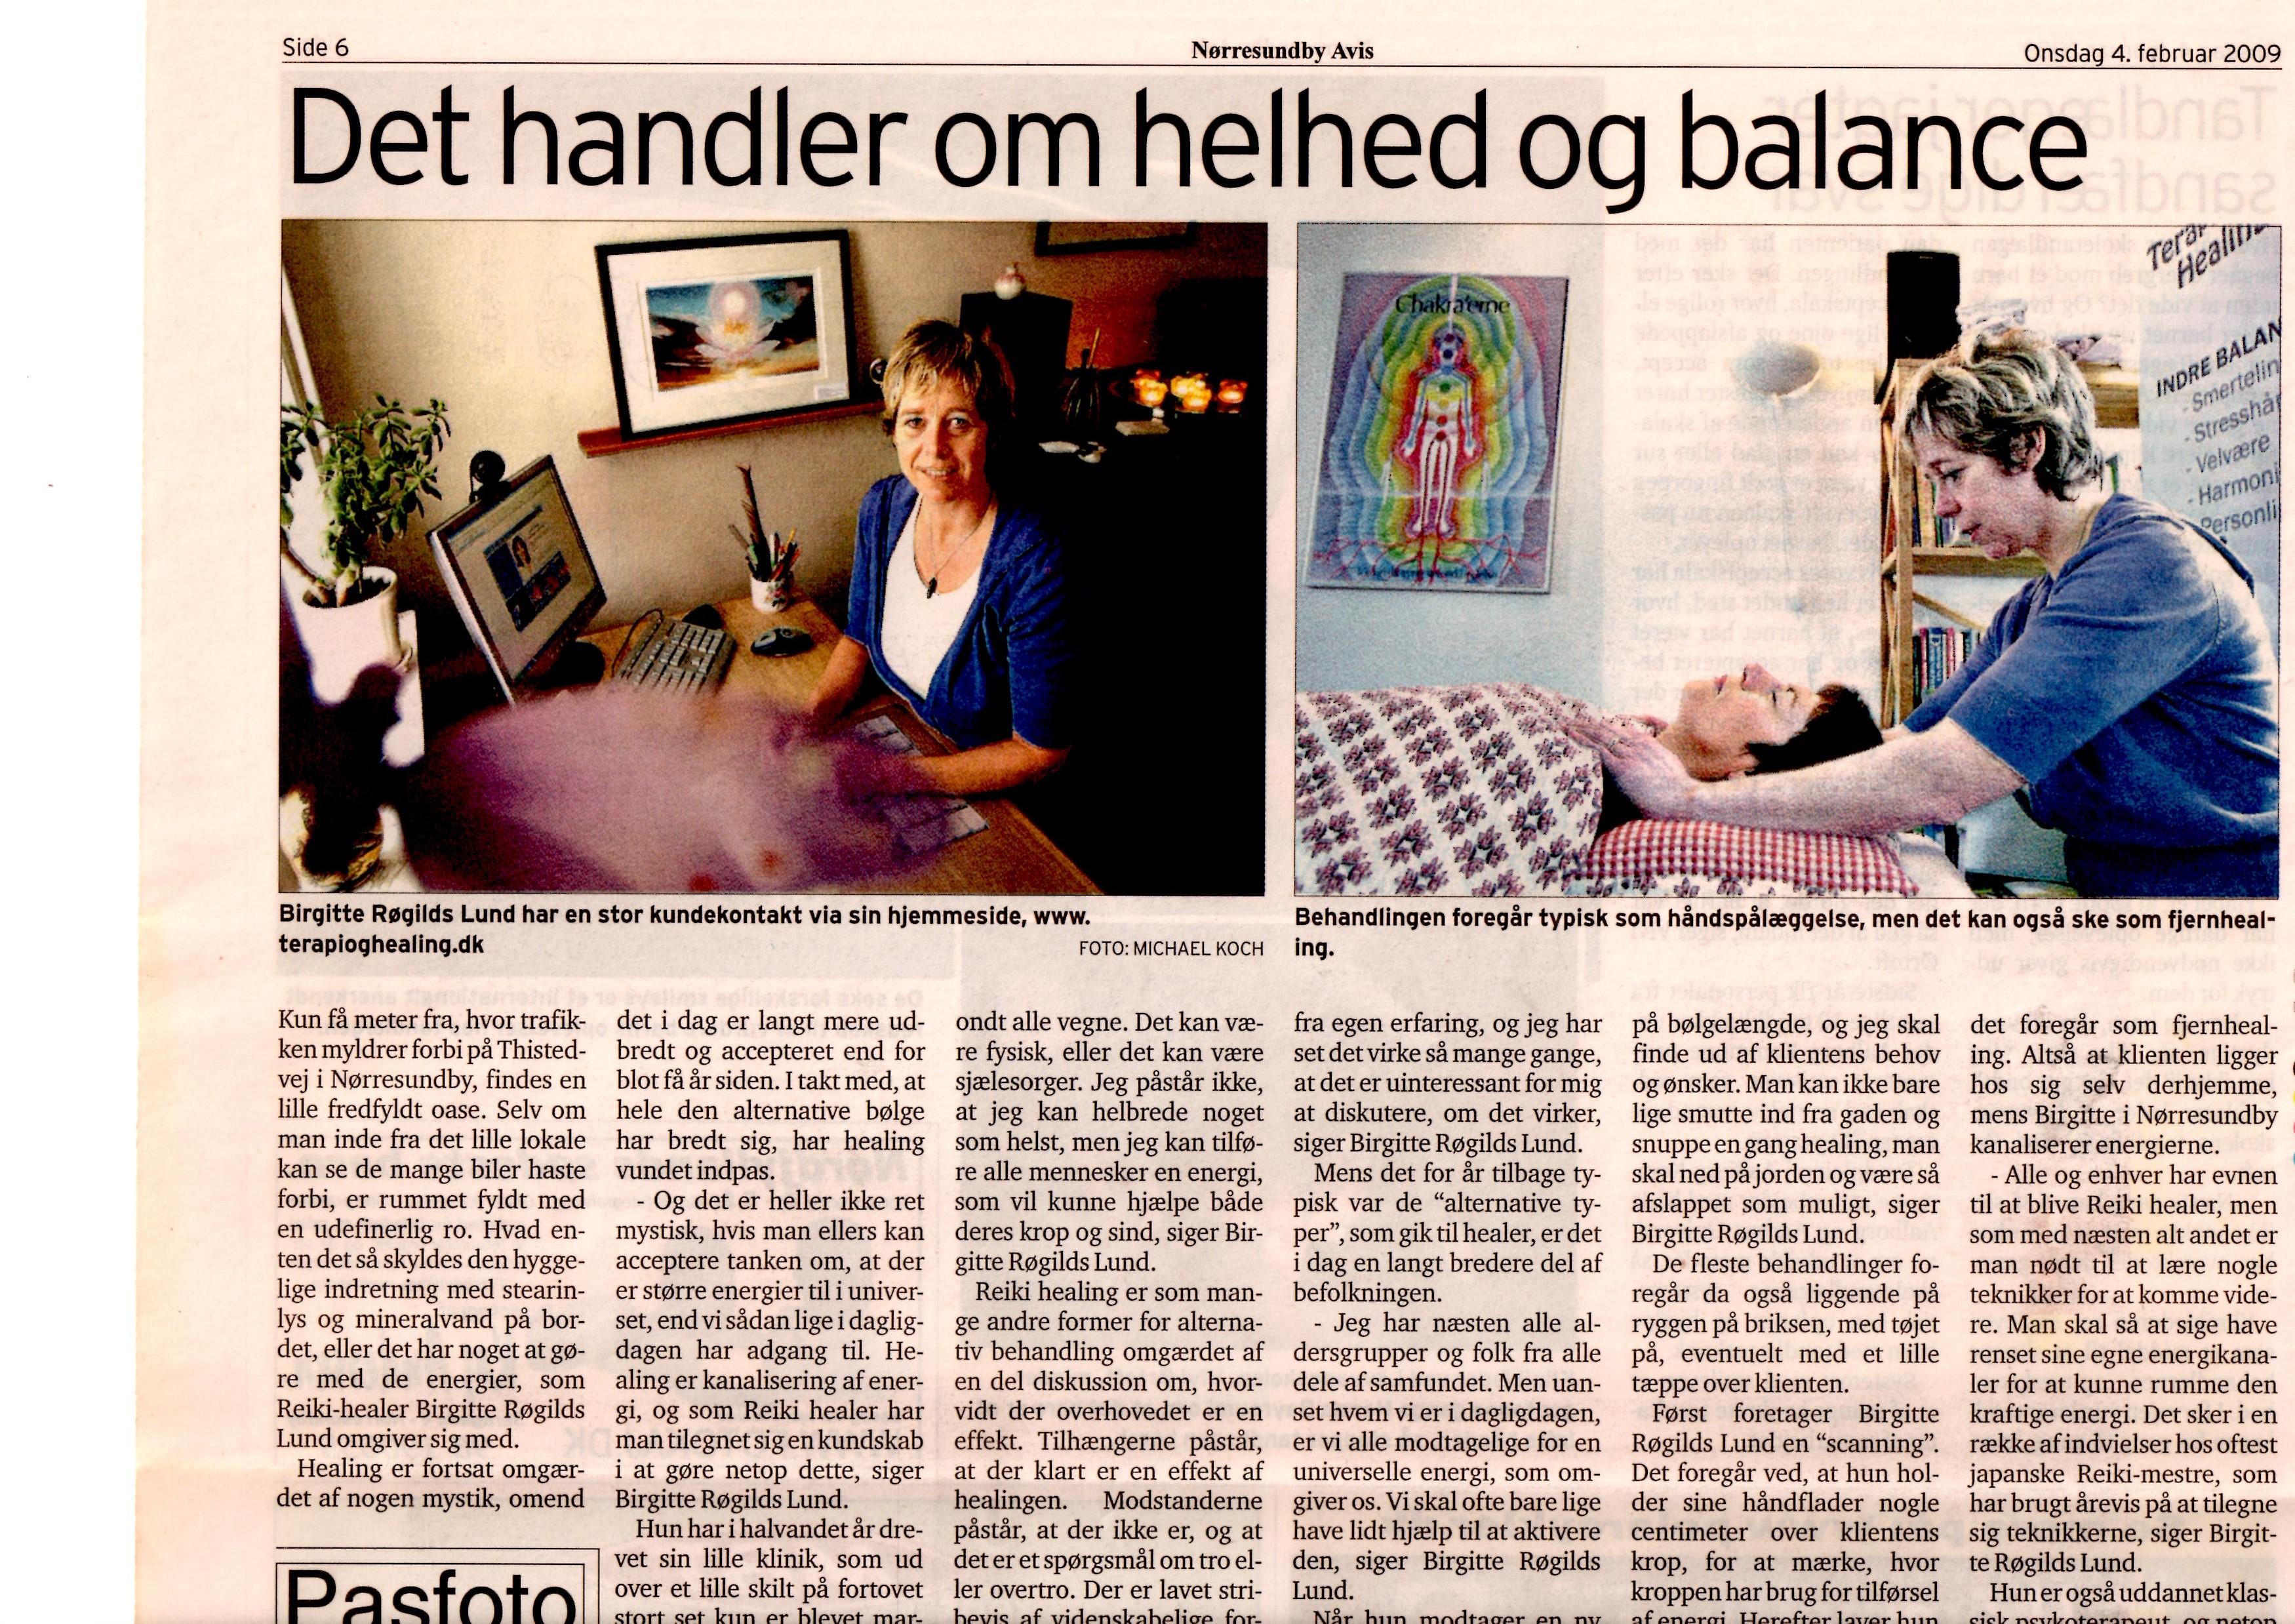 artikel 2009